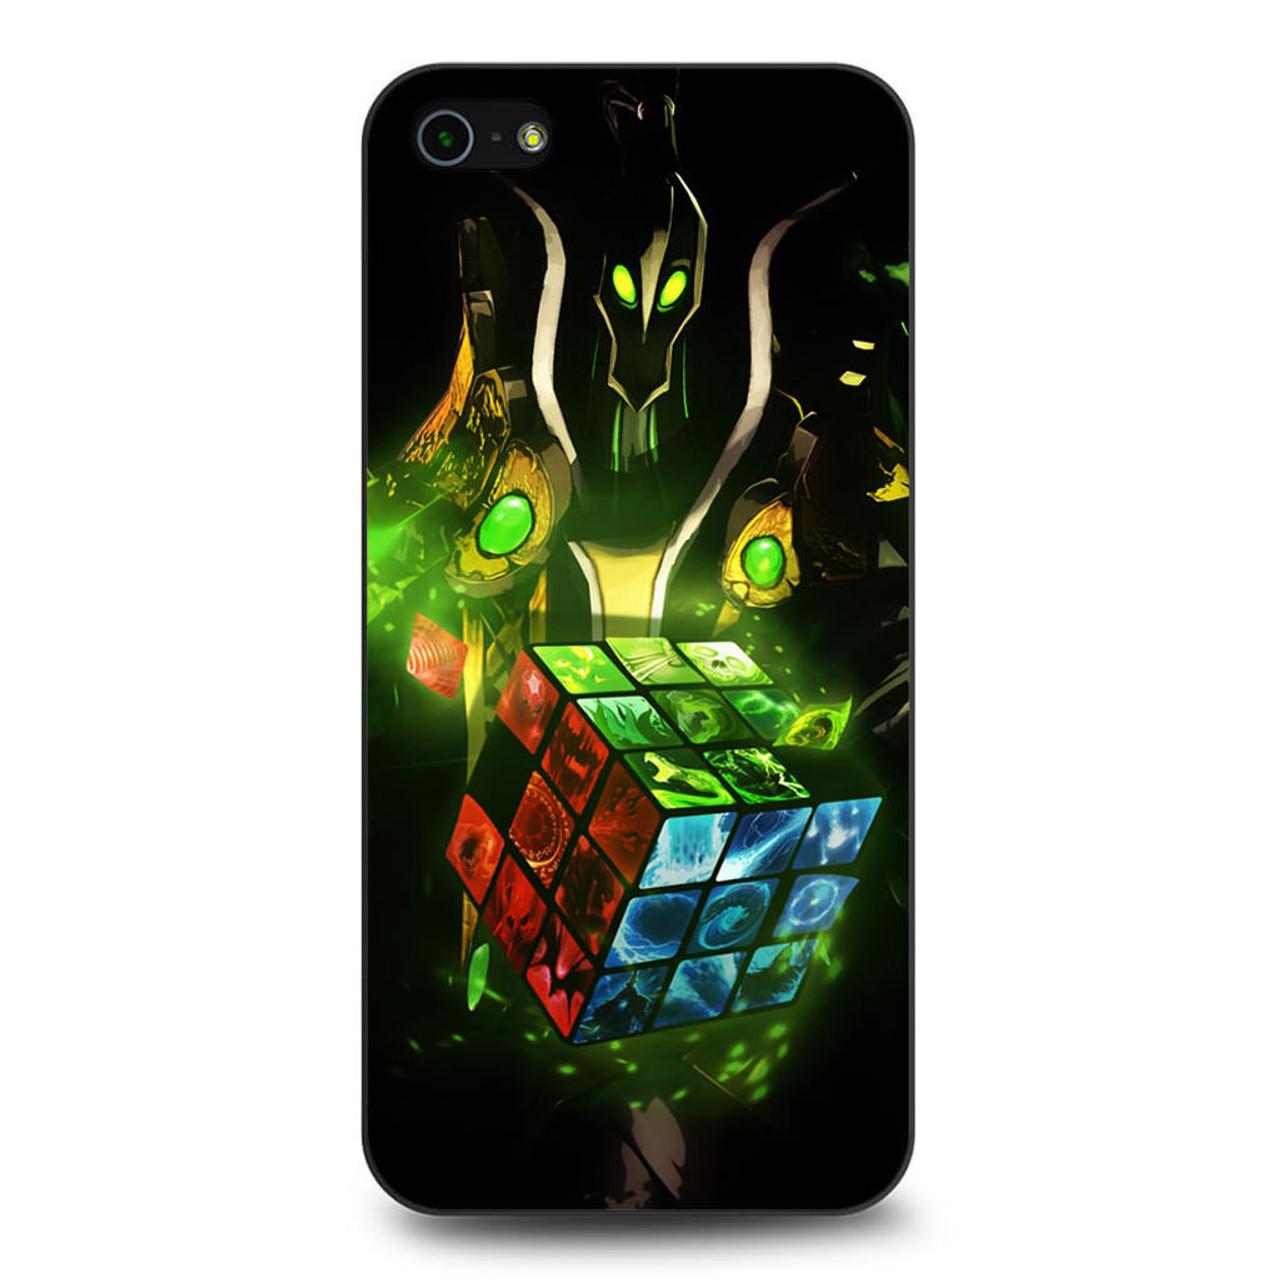 rubick dota 2 iphone